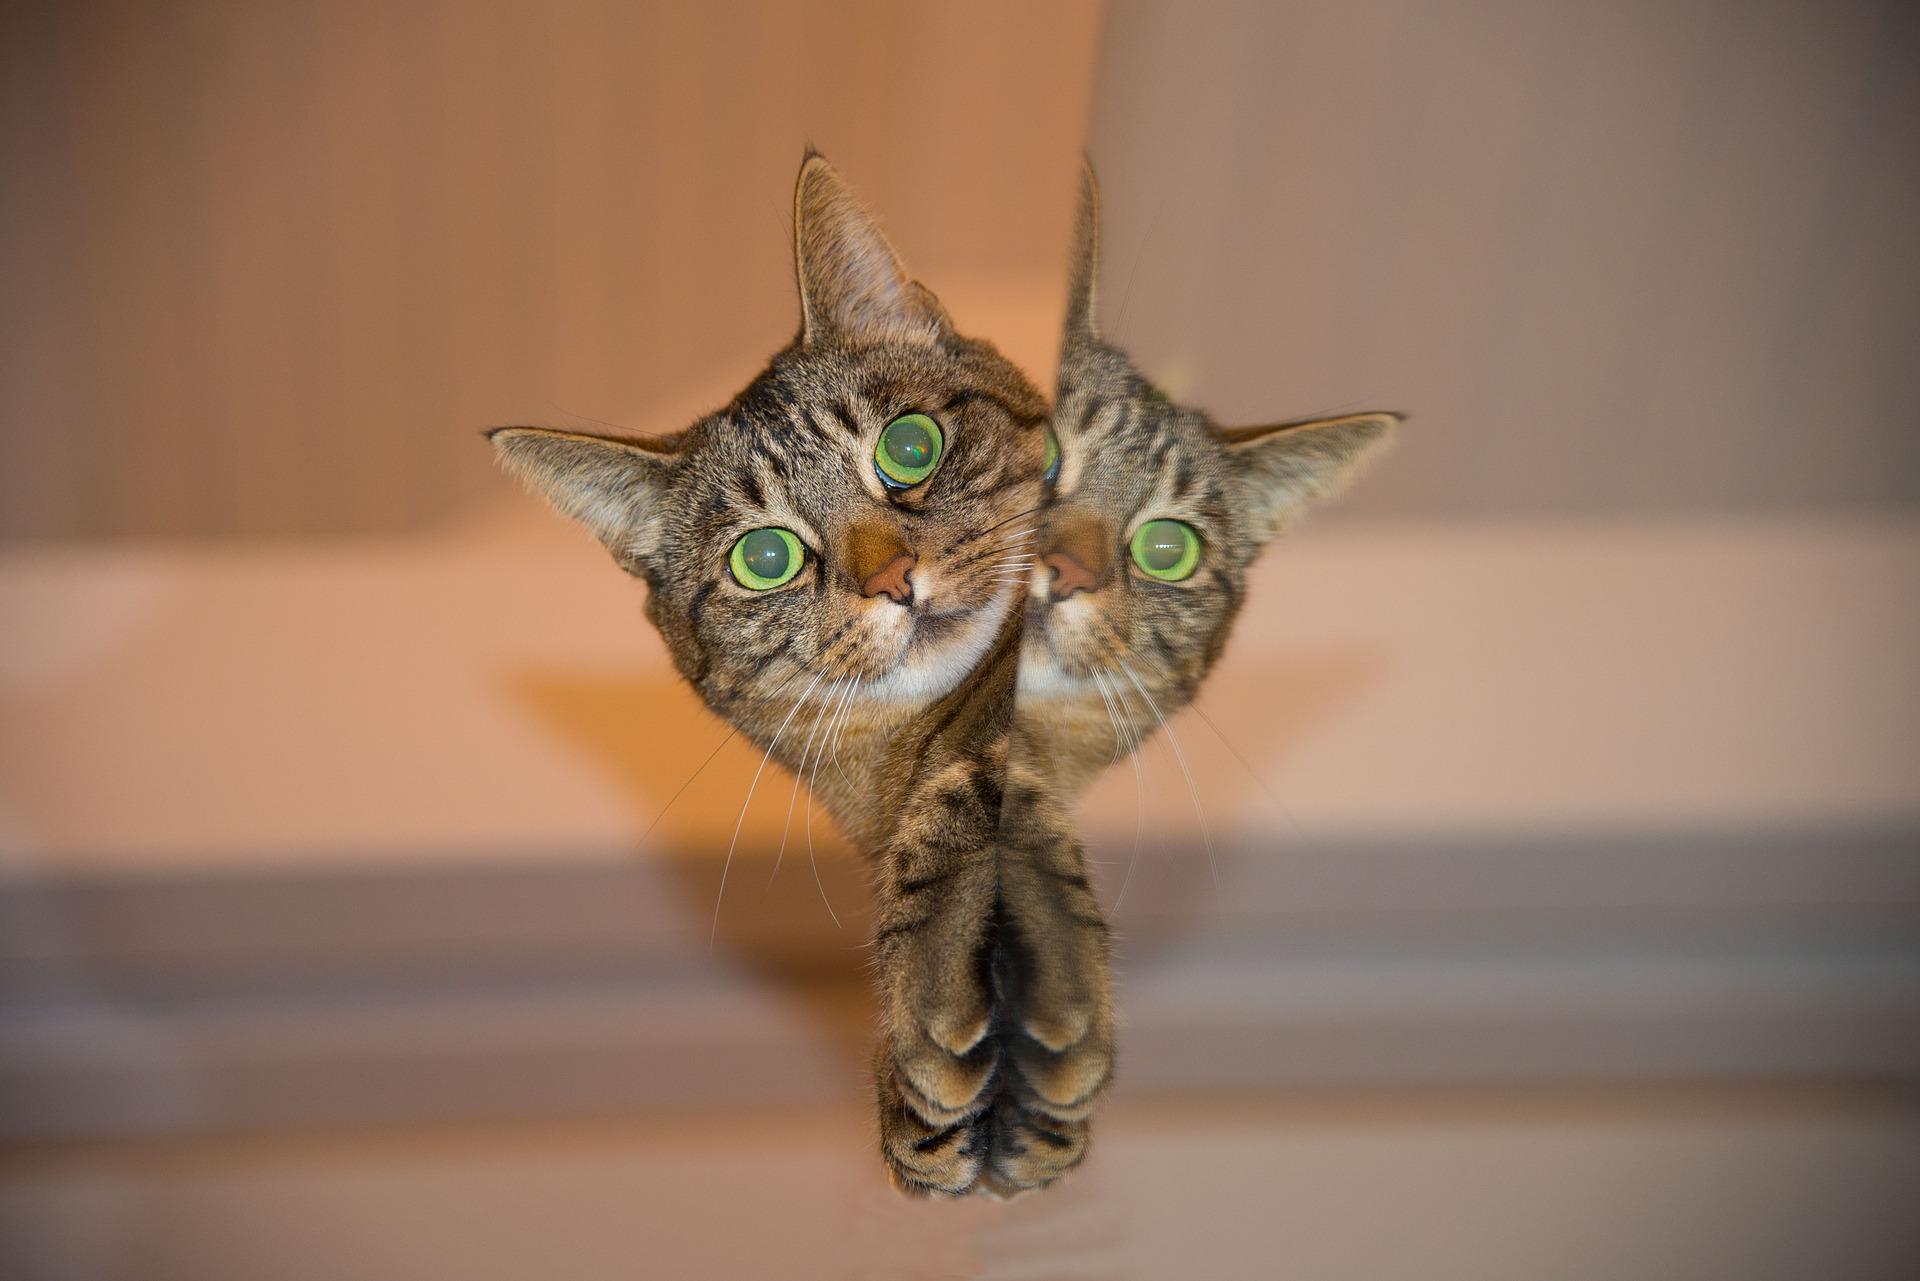 cat-697113_1920